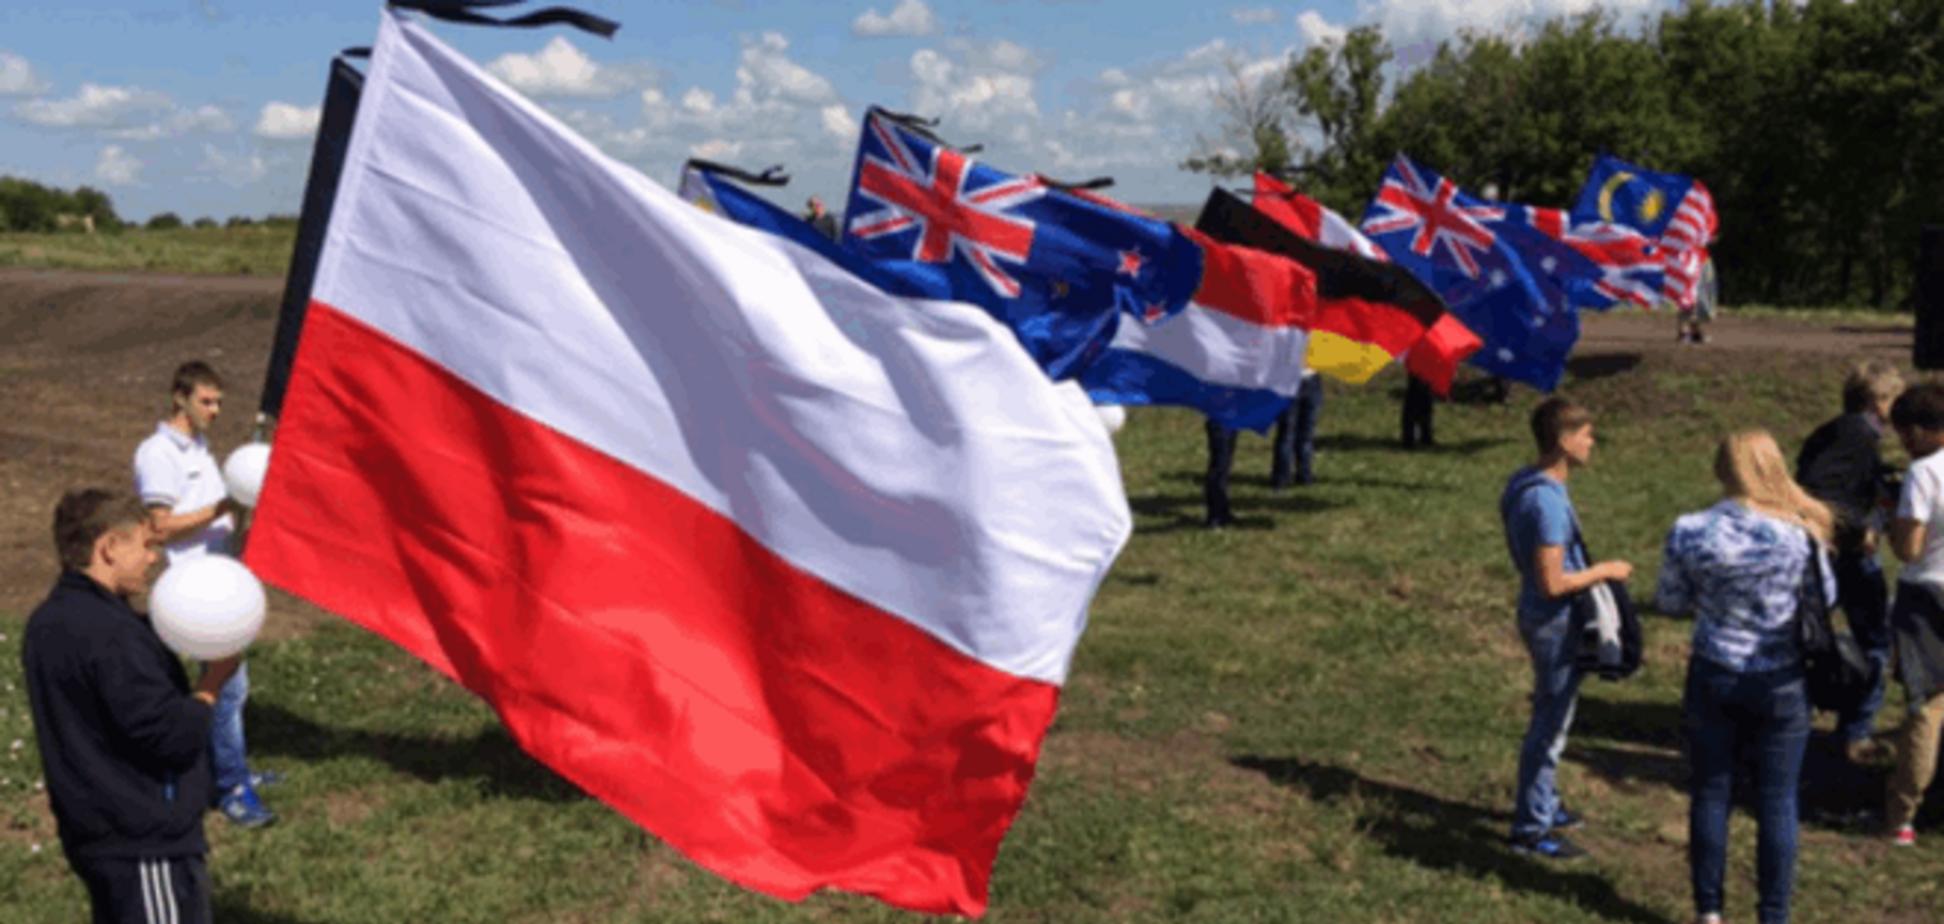 Новий конфуз. Терористи 'ДНР' переплутали прапори Польщі та Індонезії: фотофакт